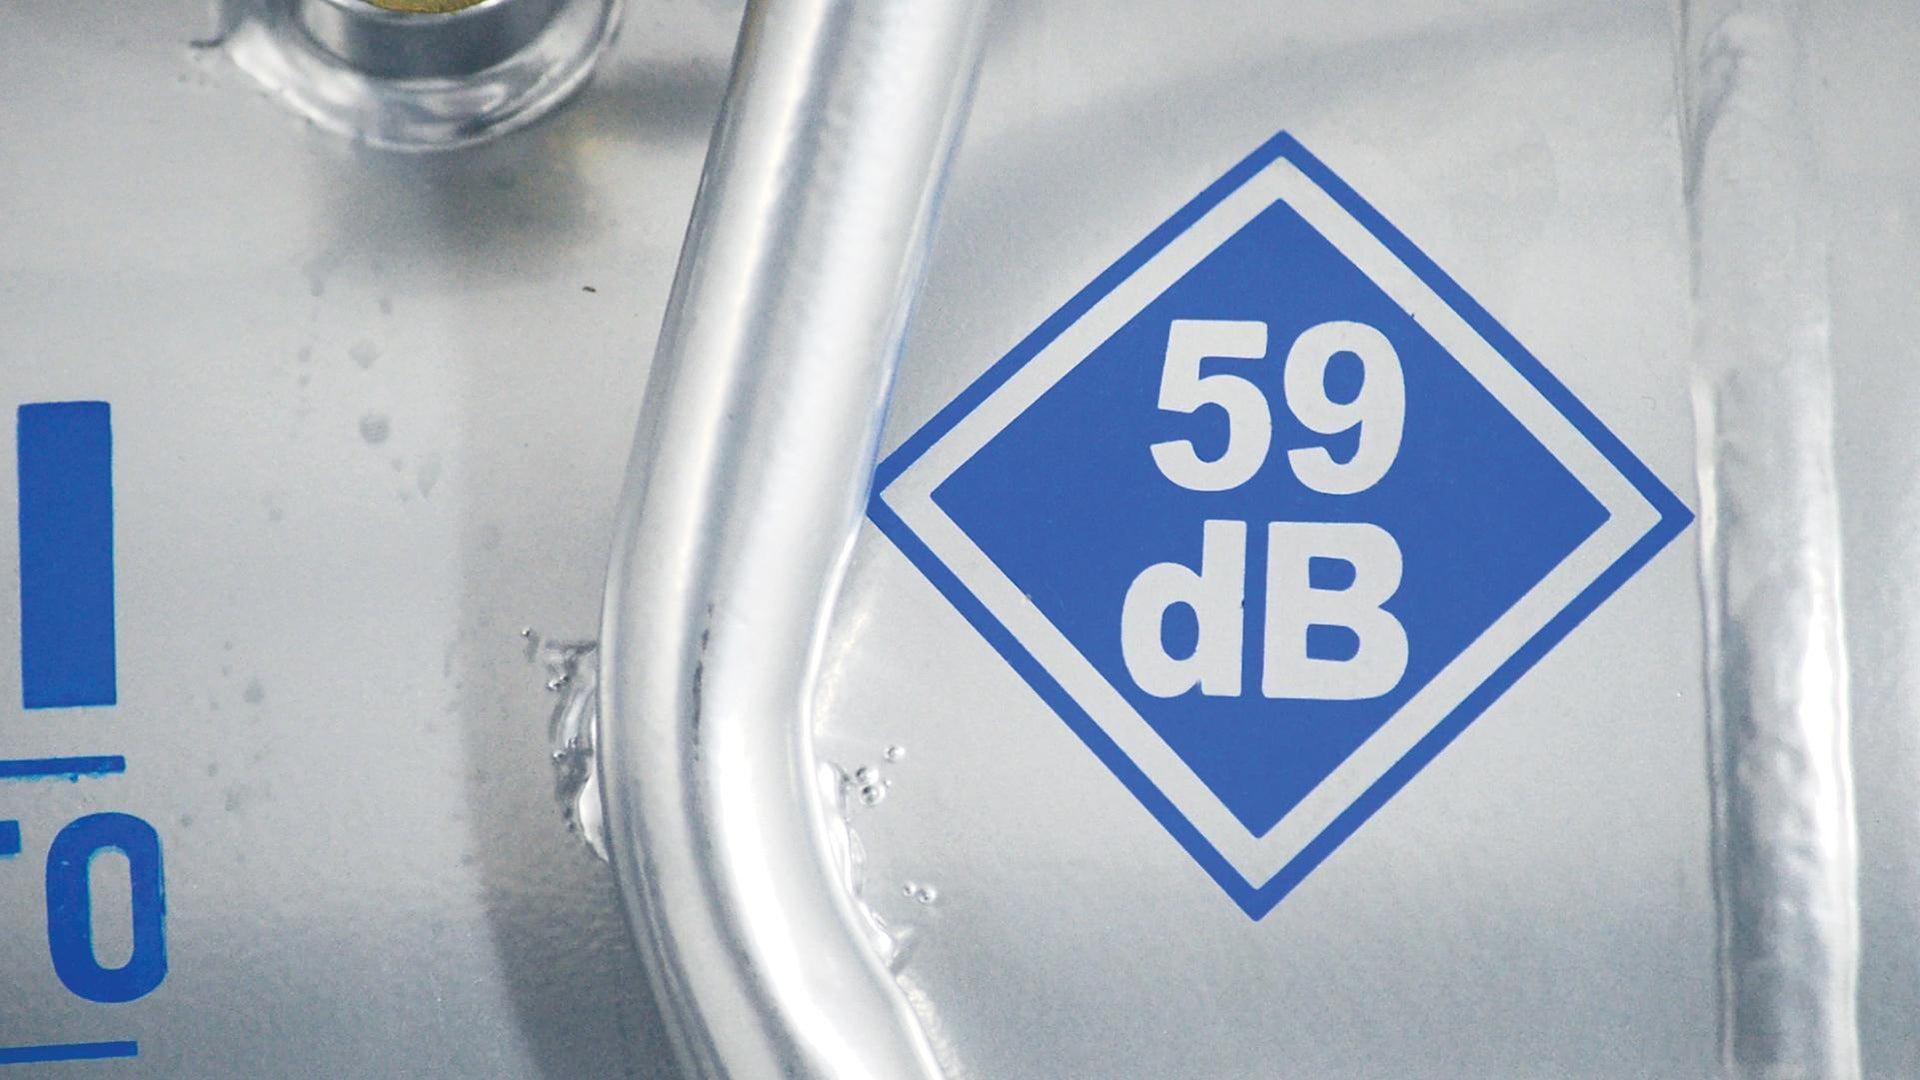 Compressore silenziato HYUNDAI Supersilent, 1 hp, 8 bar, 24 L - 4